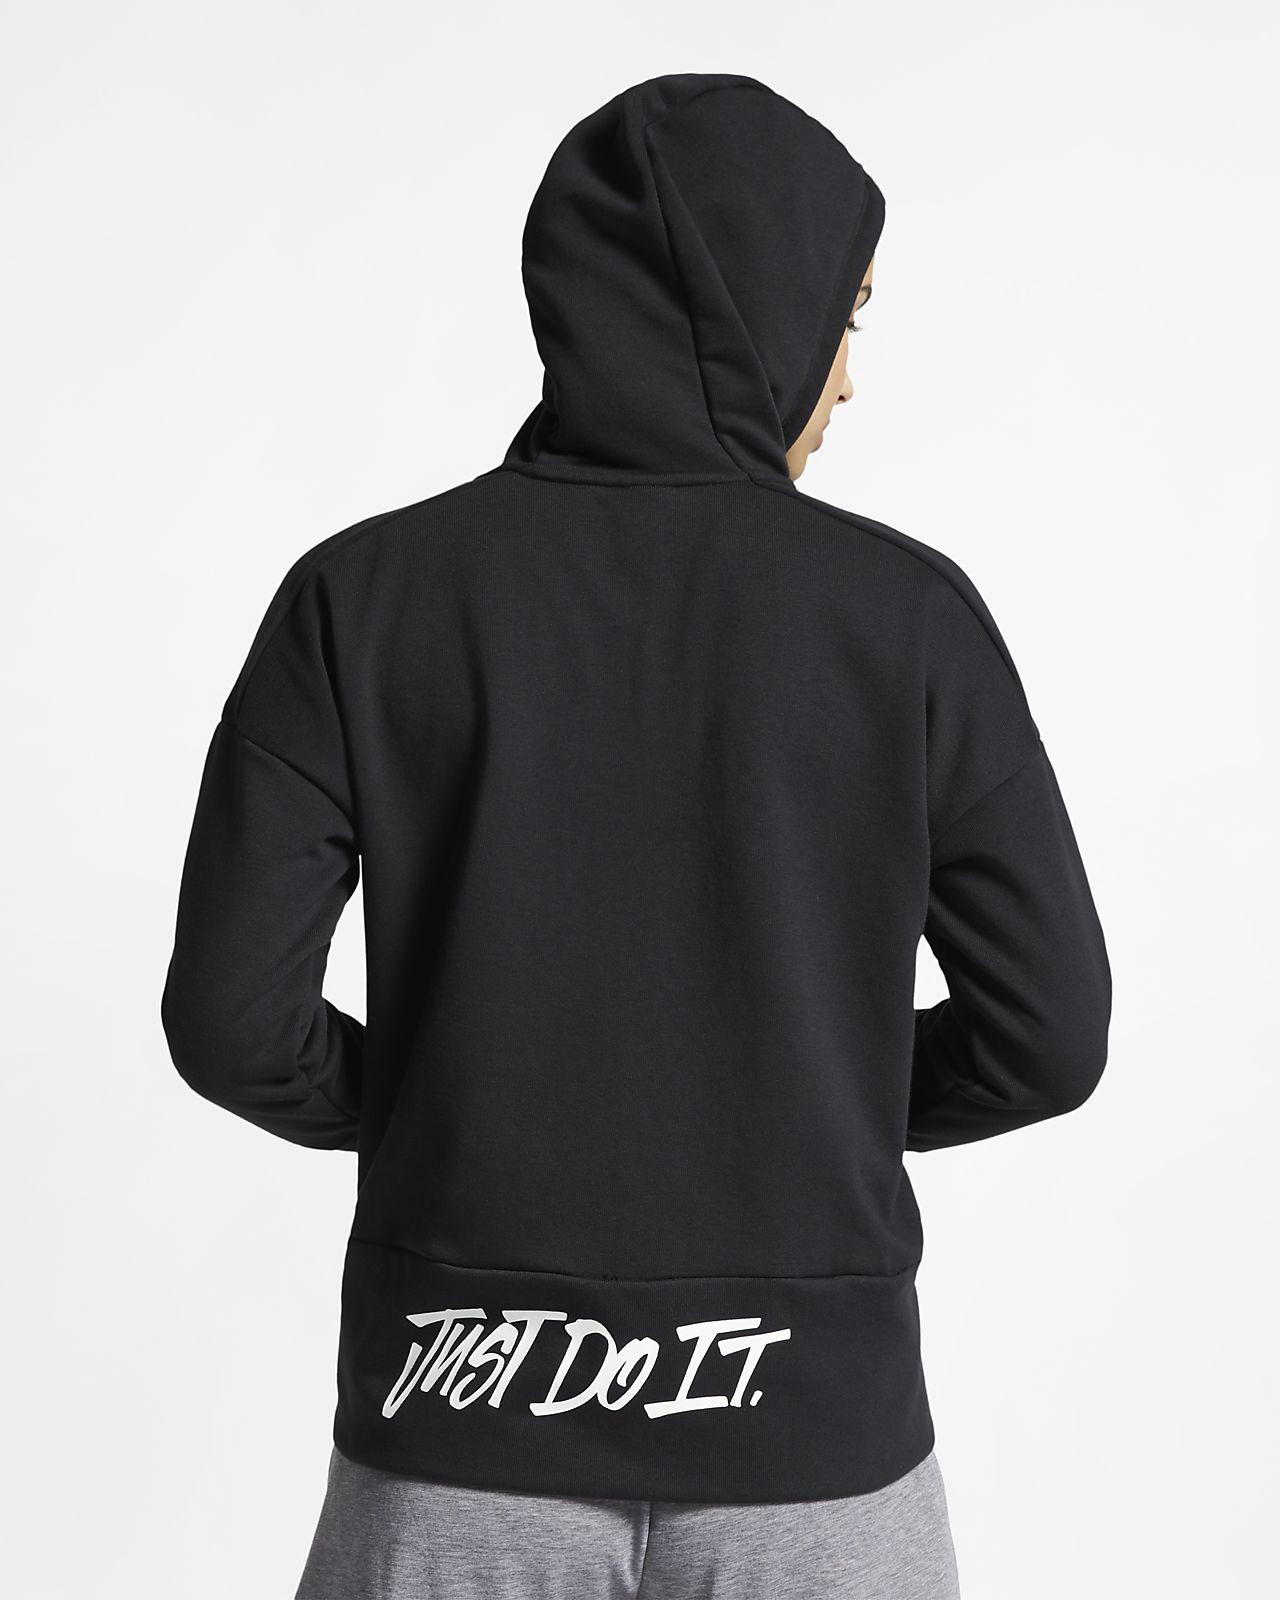 brand new 0dd78 c3698 Nike Dri-FIT langärmliger Damen-Hoodie mit durchgehendem Reißverschluss